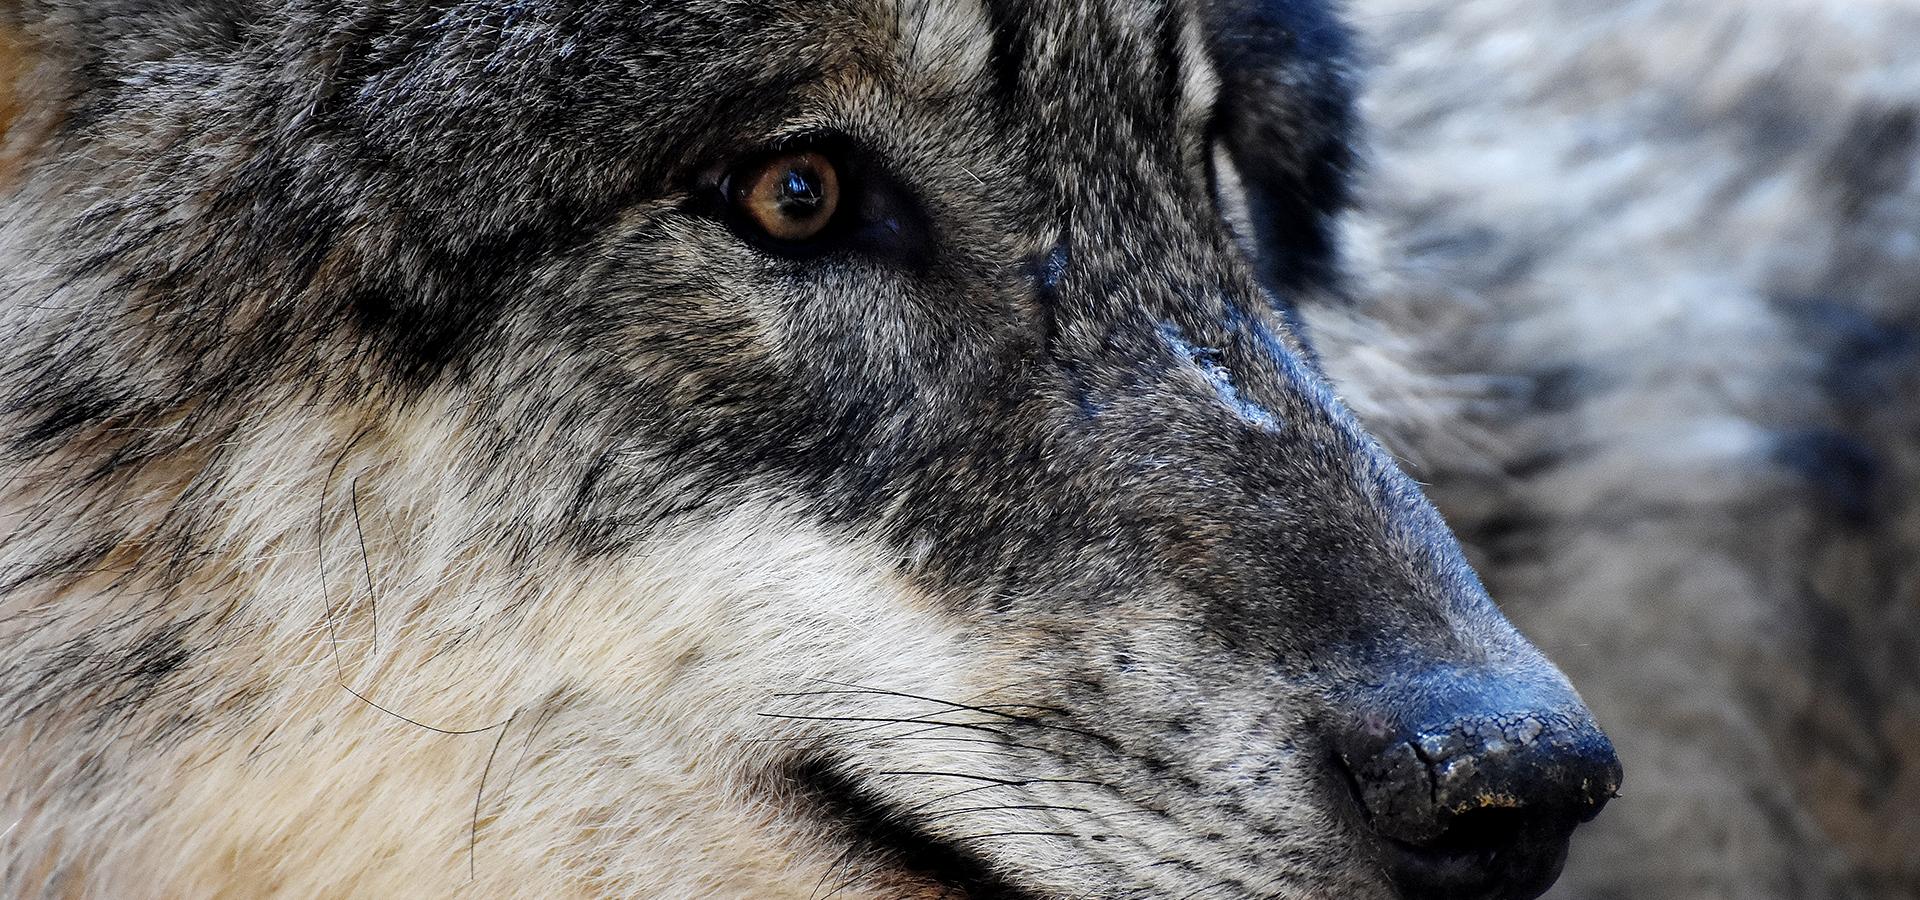 ¿Lobo sí o lobo no? — Omnivoraz